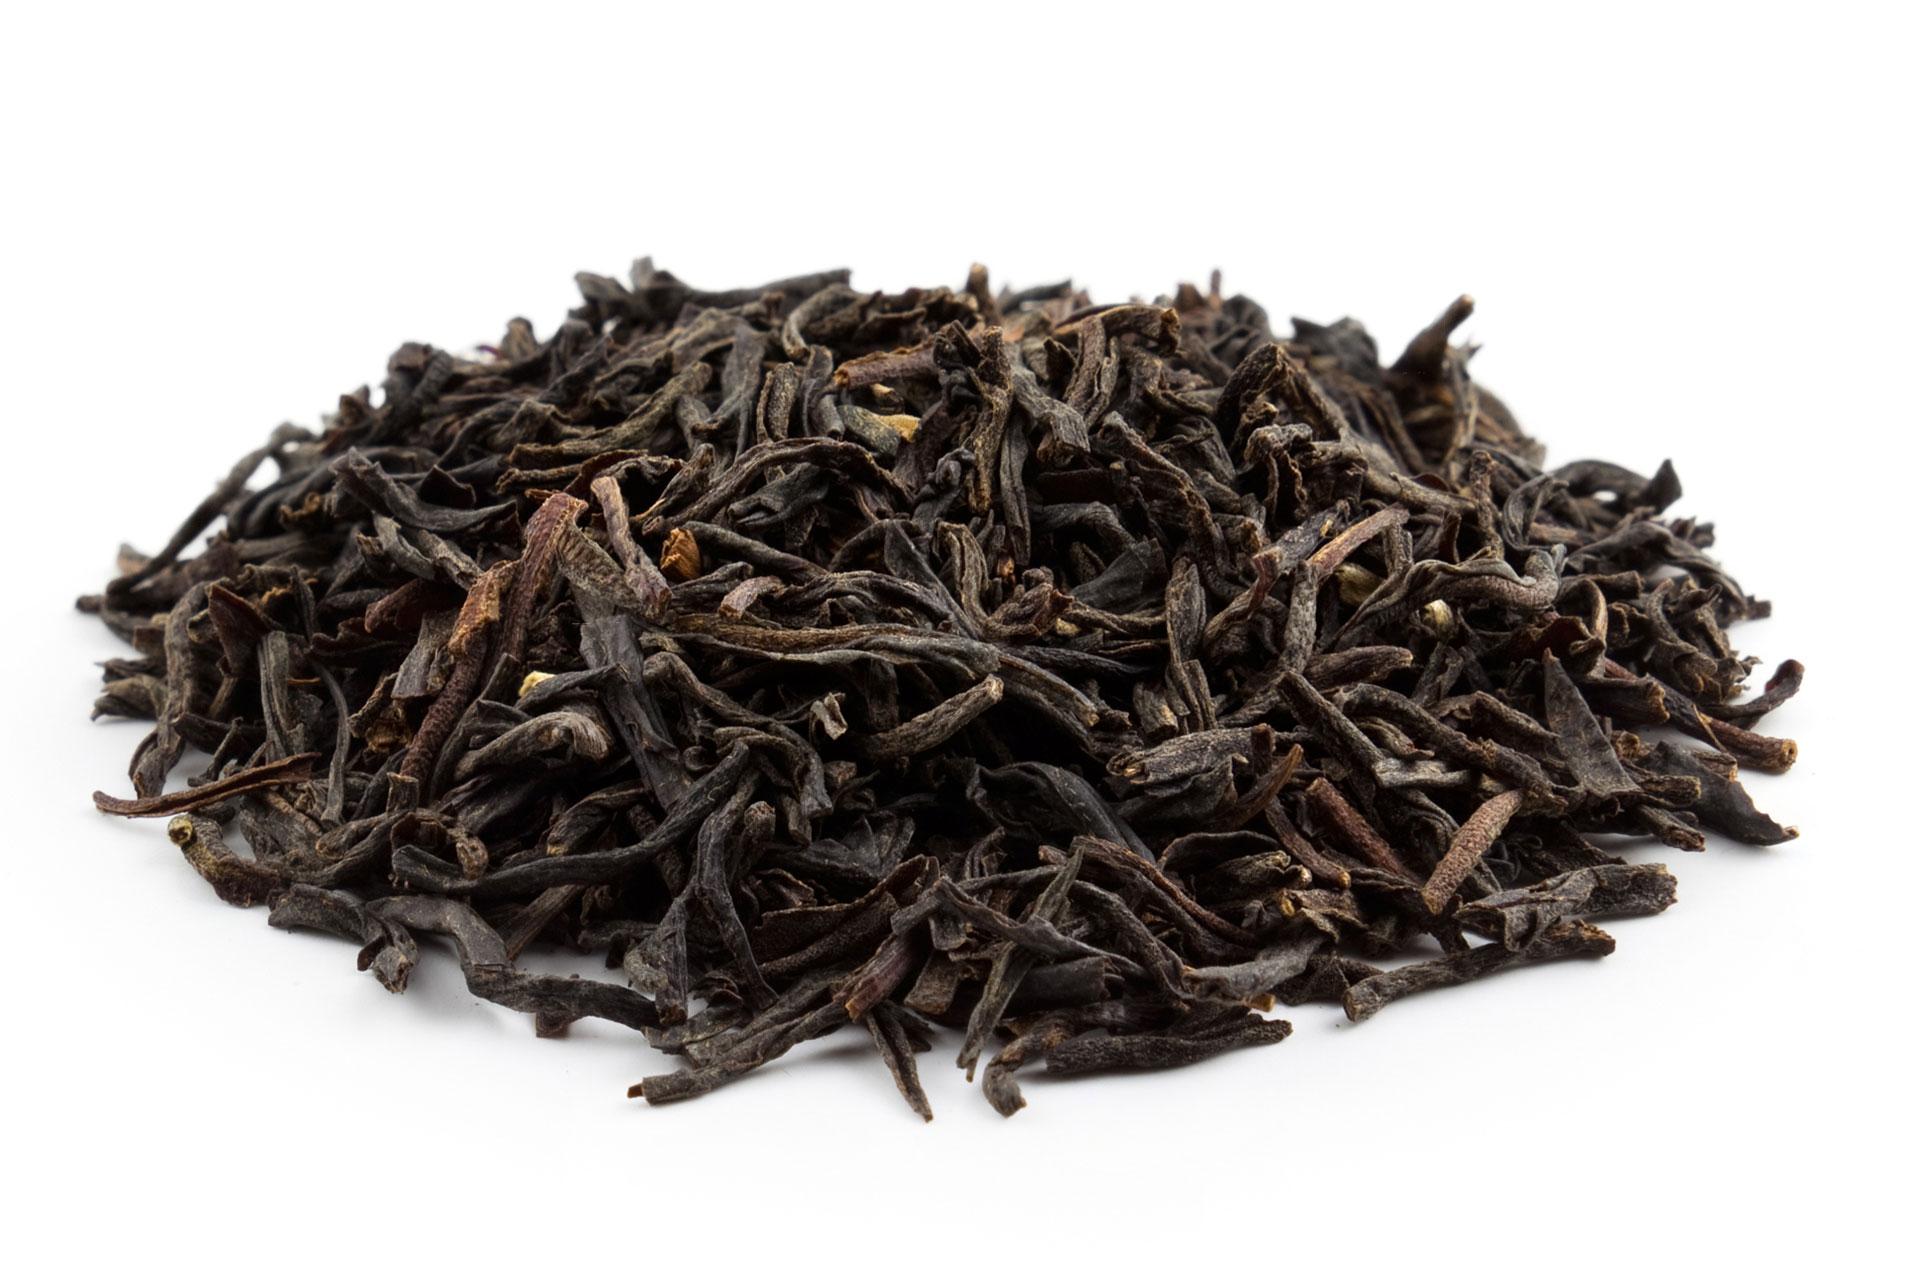 Assam tea - Wikipedia